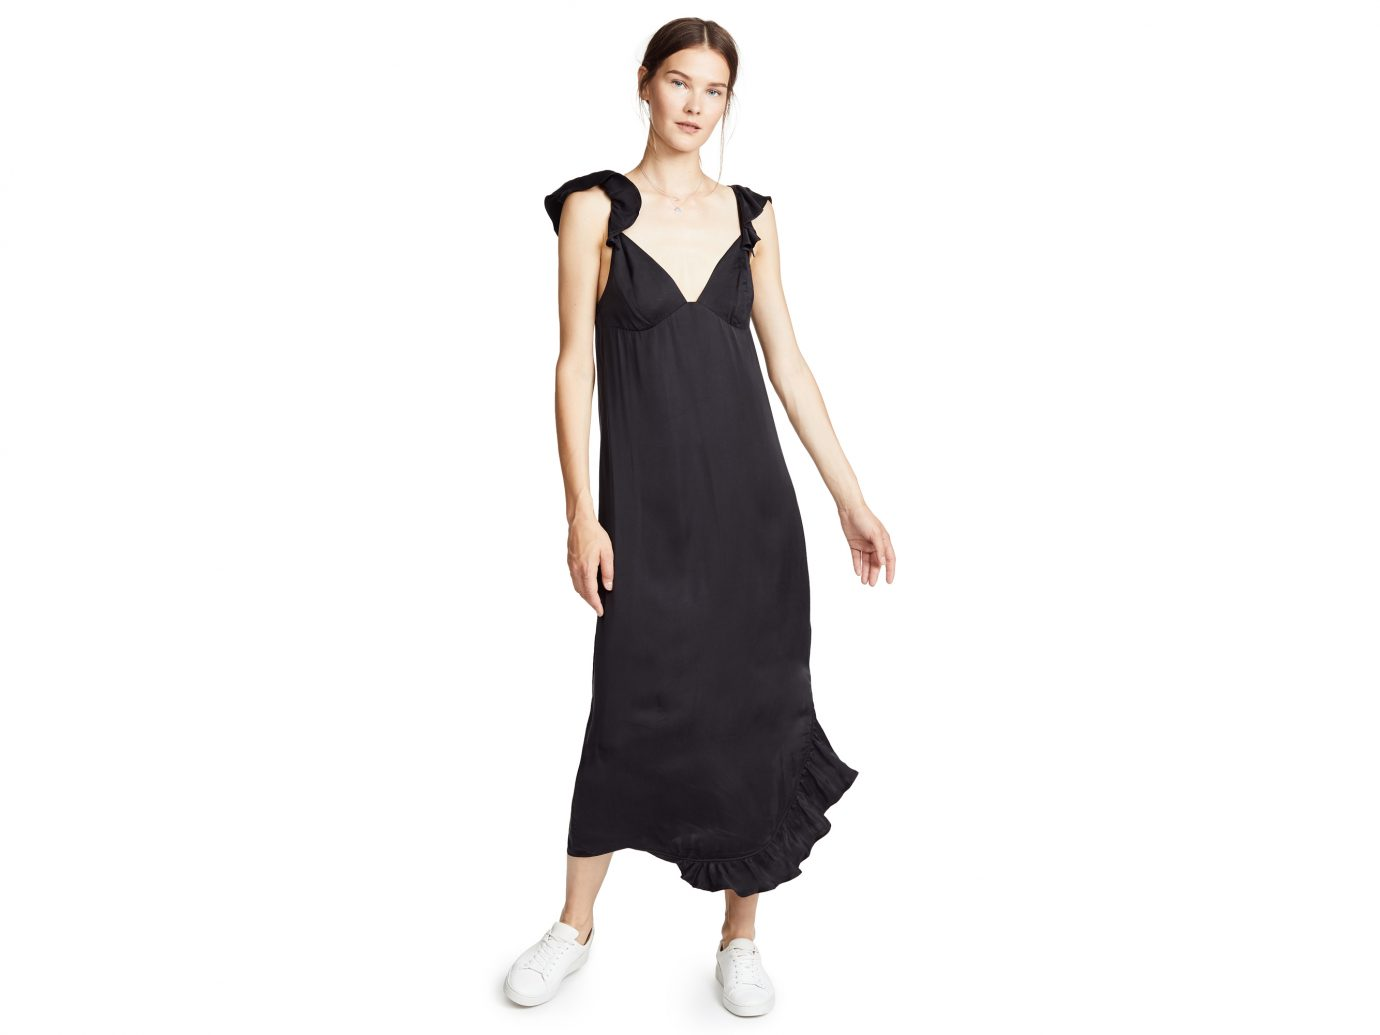 7 For All Mankind Ruffled Slip Dress